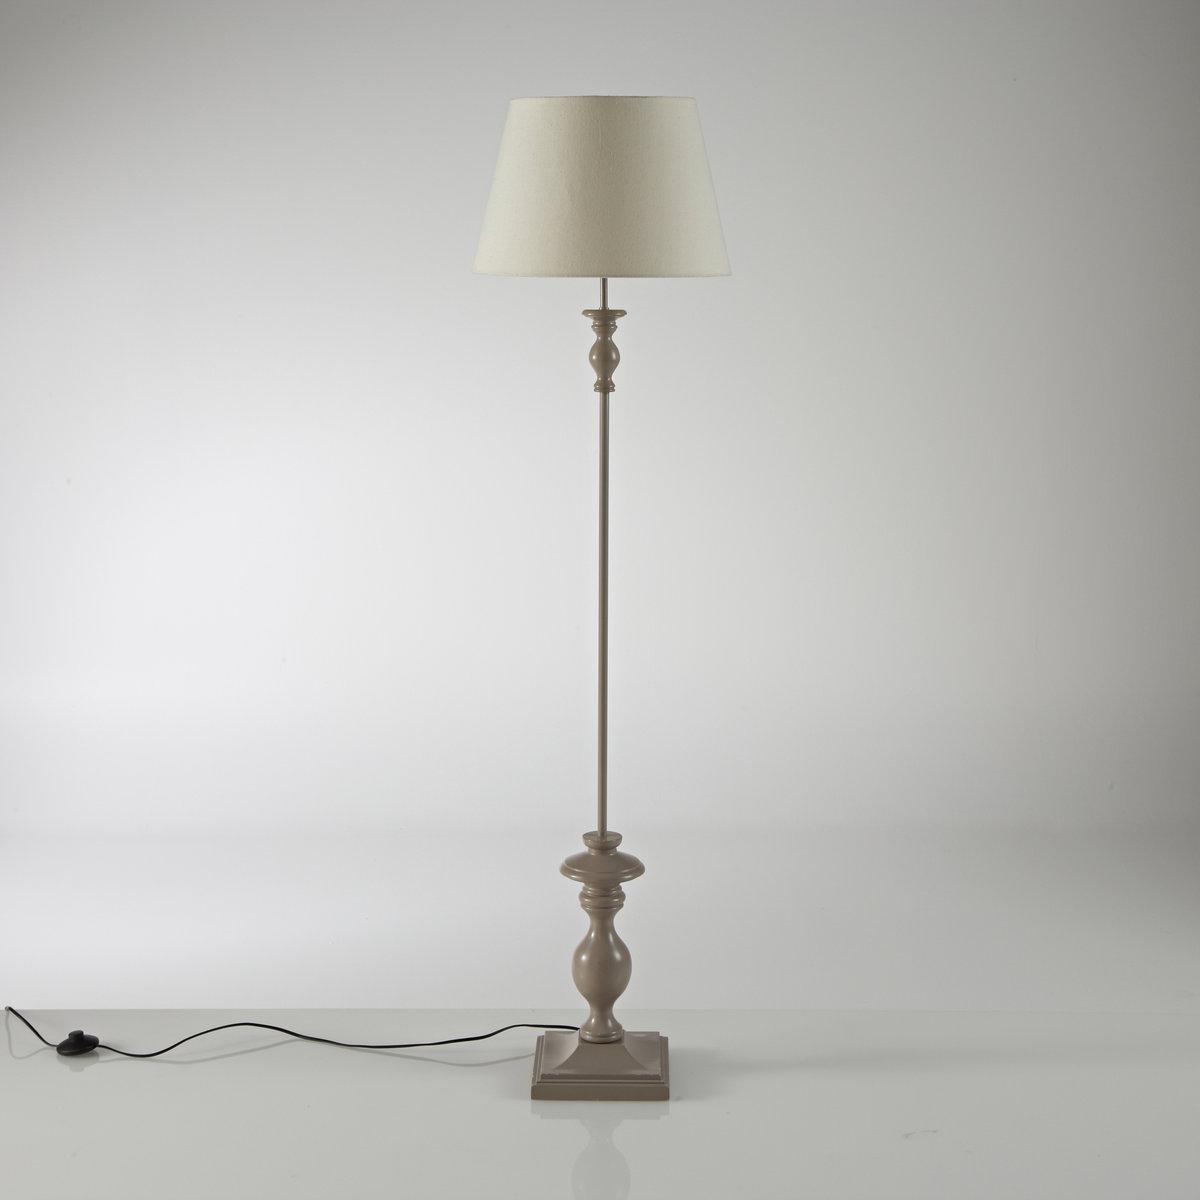 Торшер из гельвеи, KissaТоршер из обработанного дерева Kissa : 1м55 см оригинальности и элегантности . Описание Kissa :Патрон E27 для лампочки макс 60W (не входит в комплект)  .Торшер Kissa продается готовым к сборке.Этот светильник совместим с лампочками    энергетического класса    : от A до E Характеристики Kissa :Ножка из гельвеи серо-коричневого цвета.Абажур из хлопка светло-бежевого цвета .Найдите другие светильники и коллекцию Kissa на сайте laredoute.ru .       Размеры Kissa :Ширина : 40 смГлубина : 40 смВысота : 155 см.Абажур: верх ?28, низ ?40 x Выс26 см .              Размеры и вес упаковки : 1 упаковка44 x 43 x 44 см, 4,5 кг              Сервис LaRedoute<br><br>Цвет: серо-каштановый/экрю